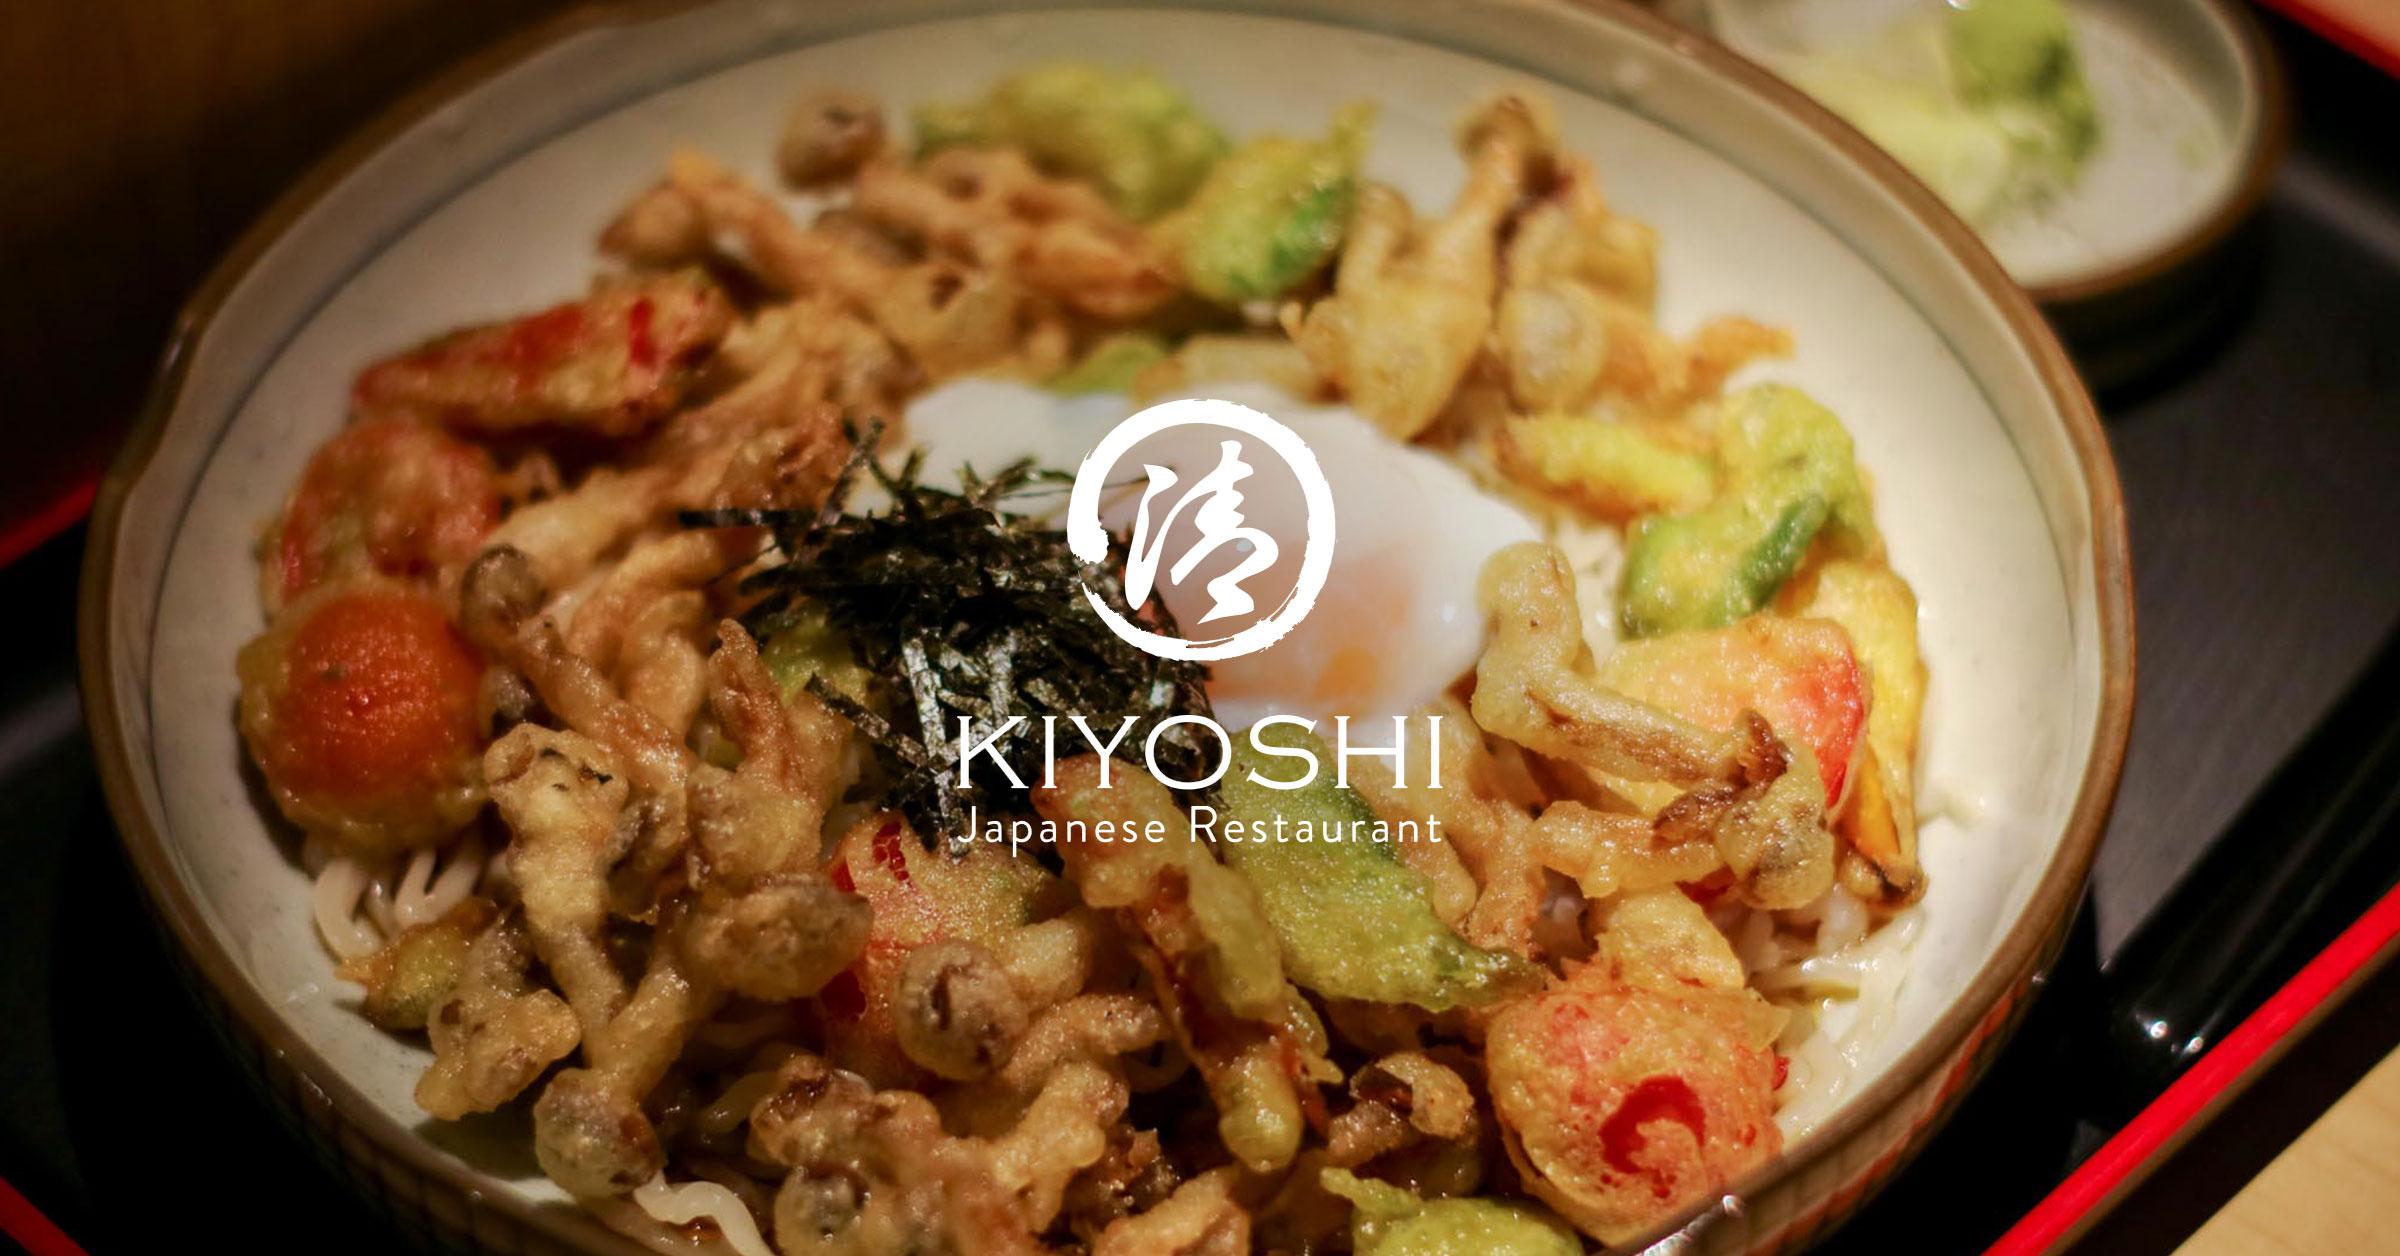 kiyoshi-japanese-restuarant-amoy-street-darrenbloggie_featured